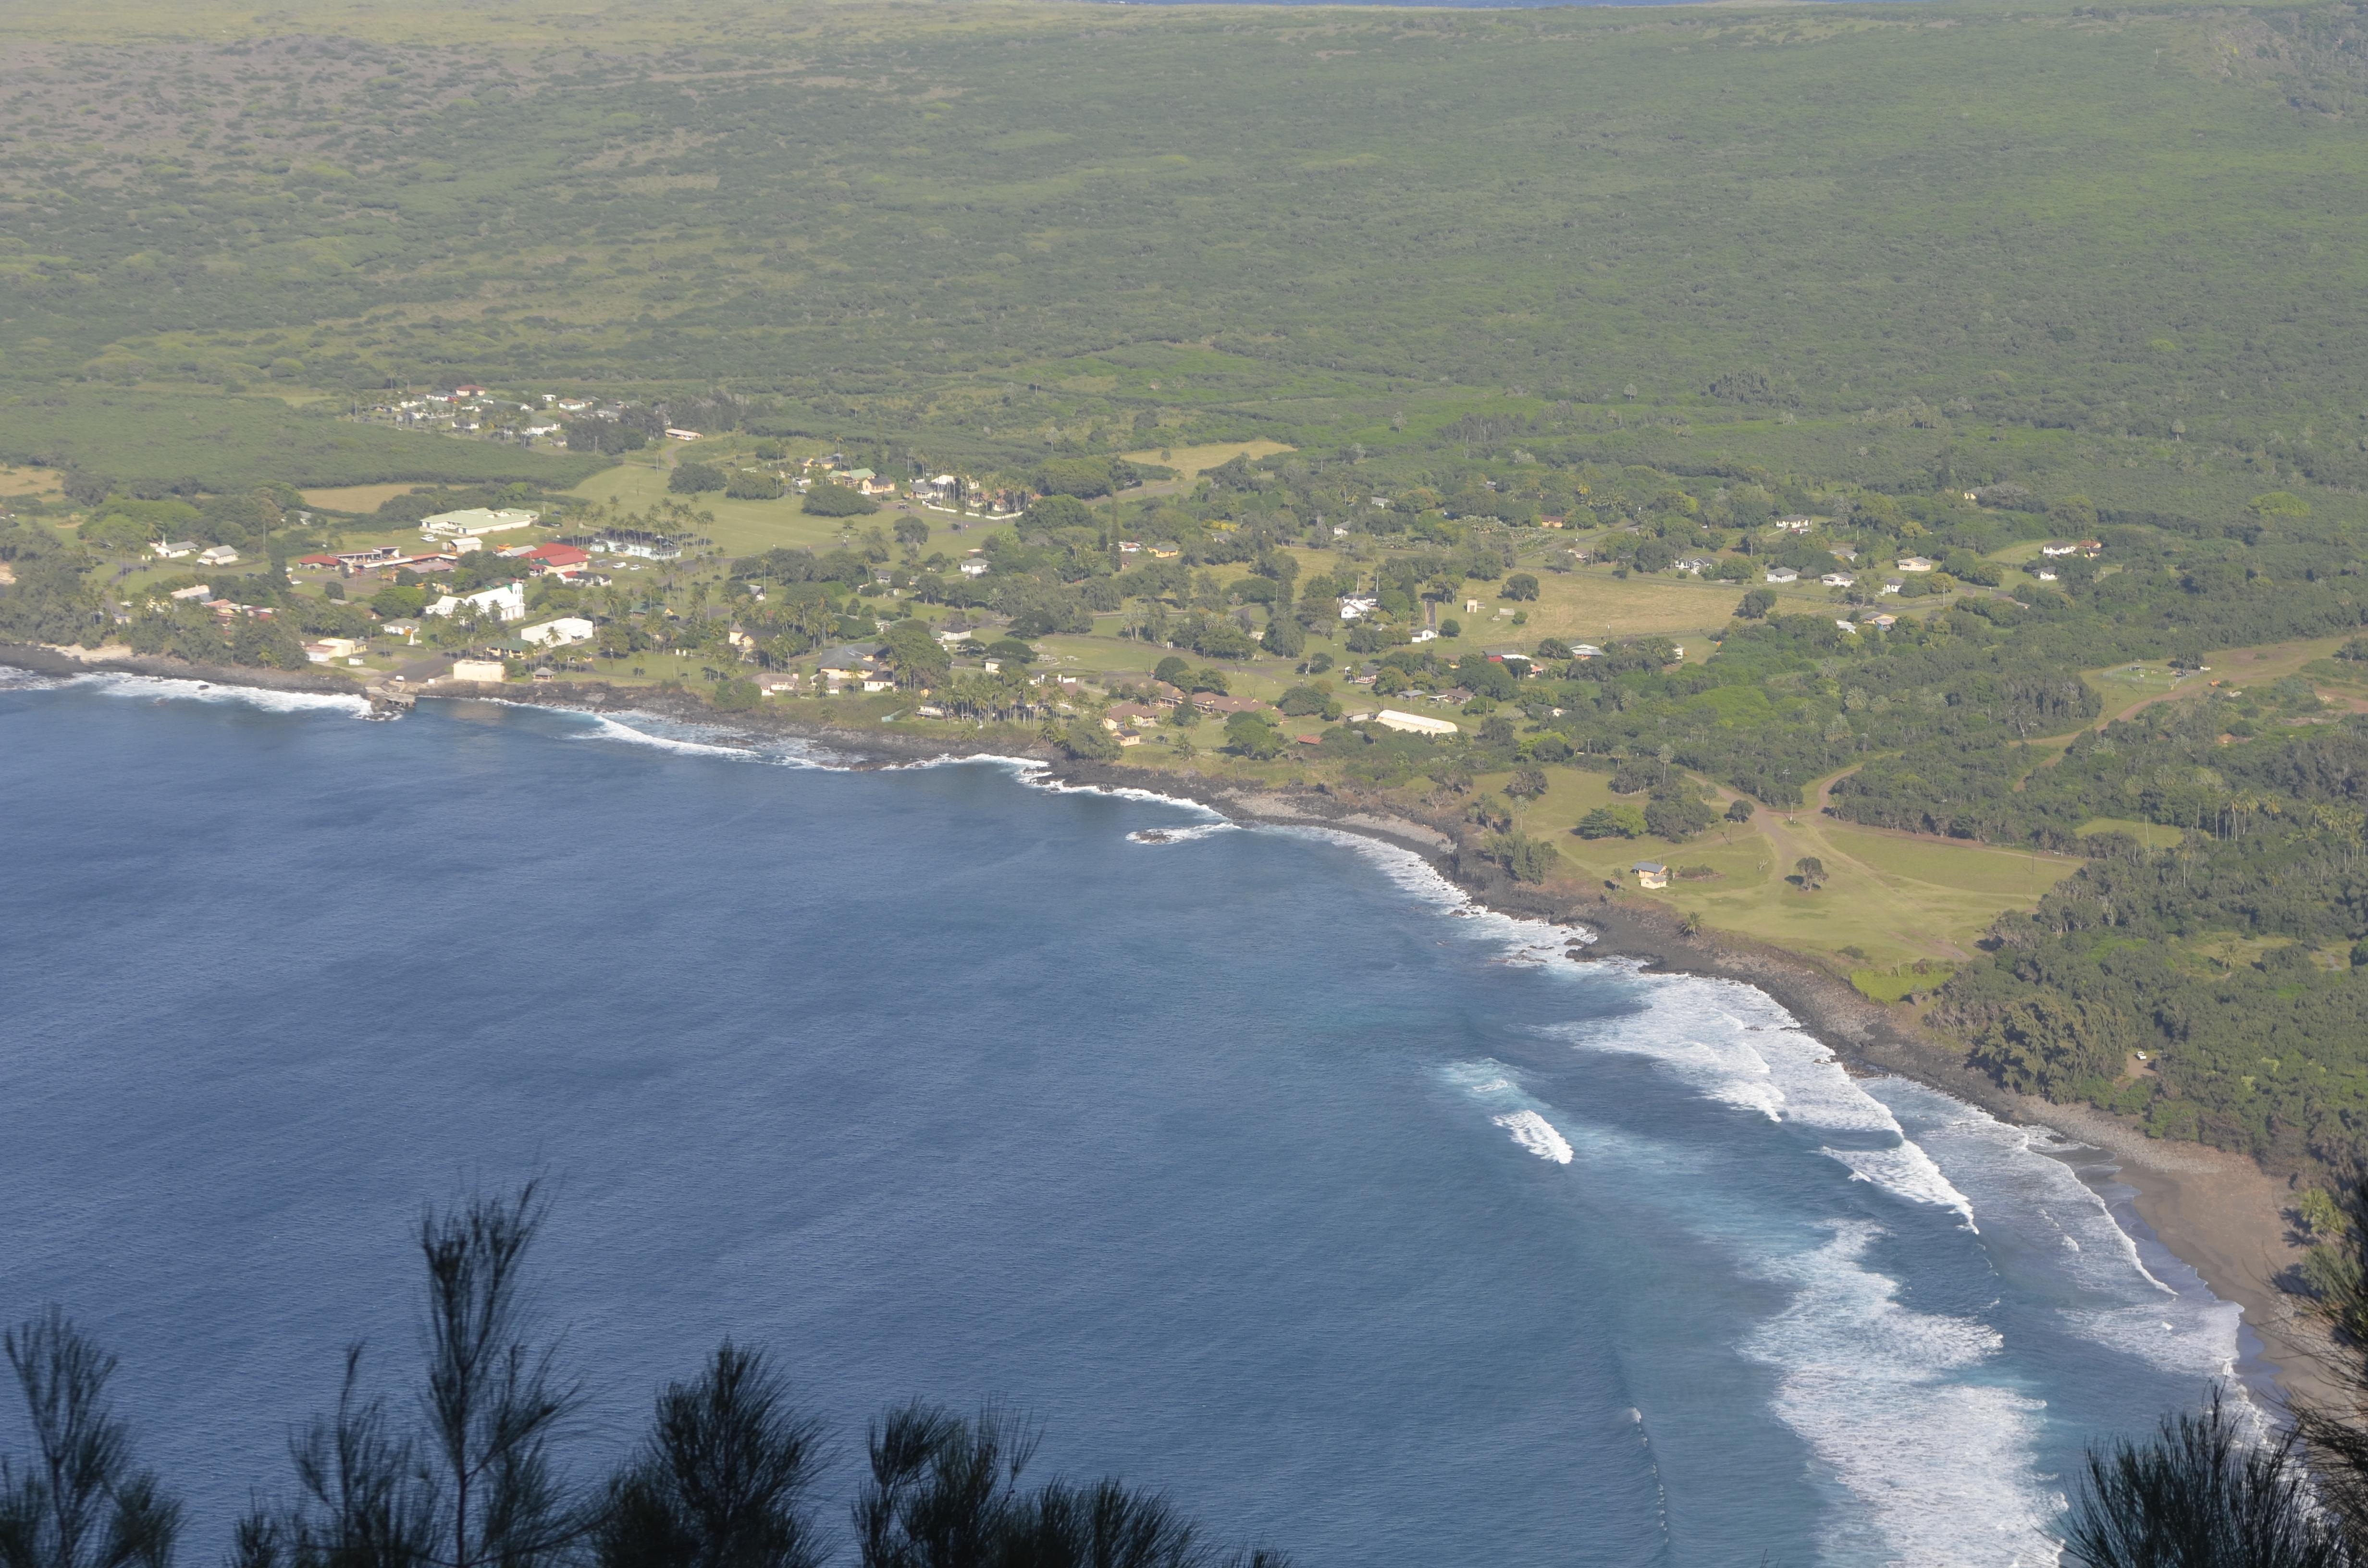 My view of Kaulapapa.